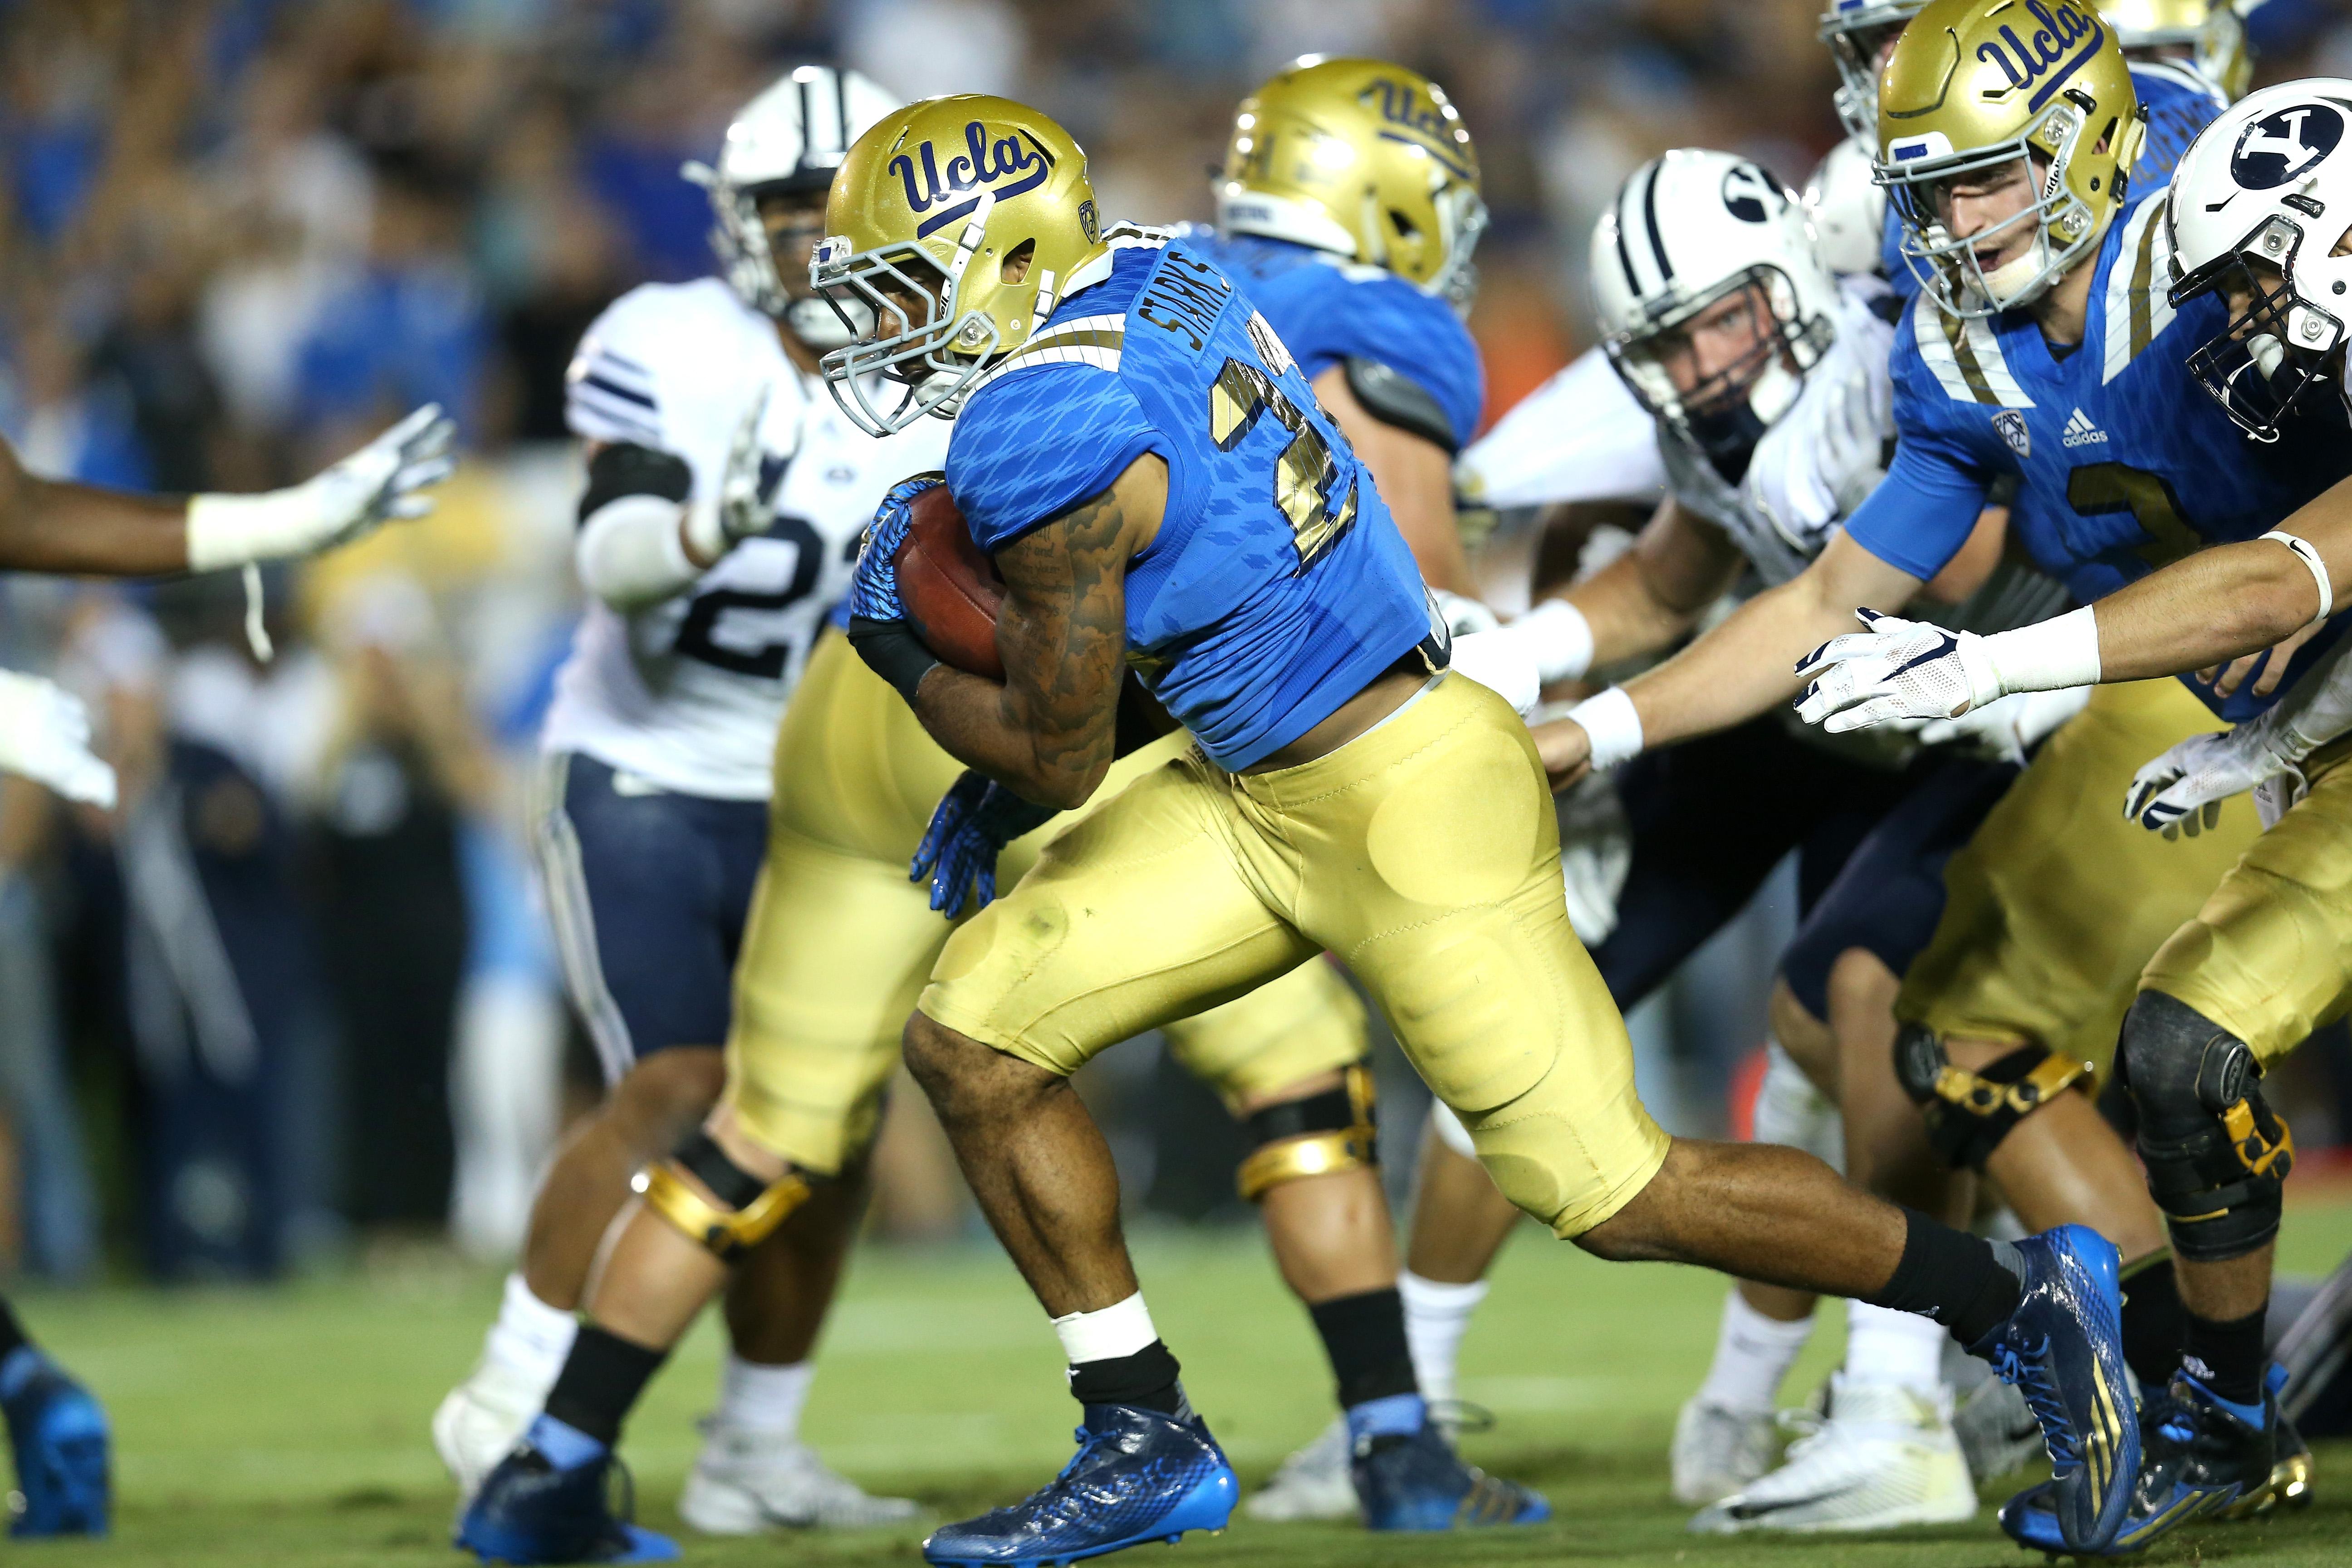 UCLA's Nate Starks